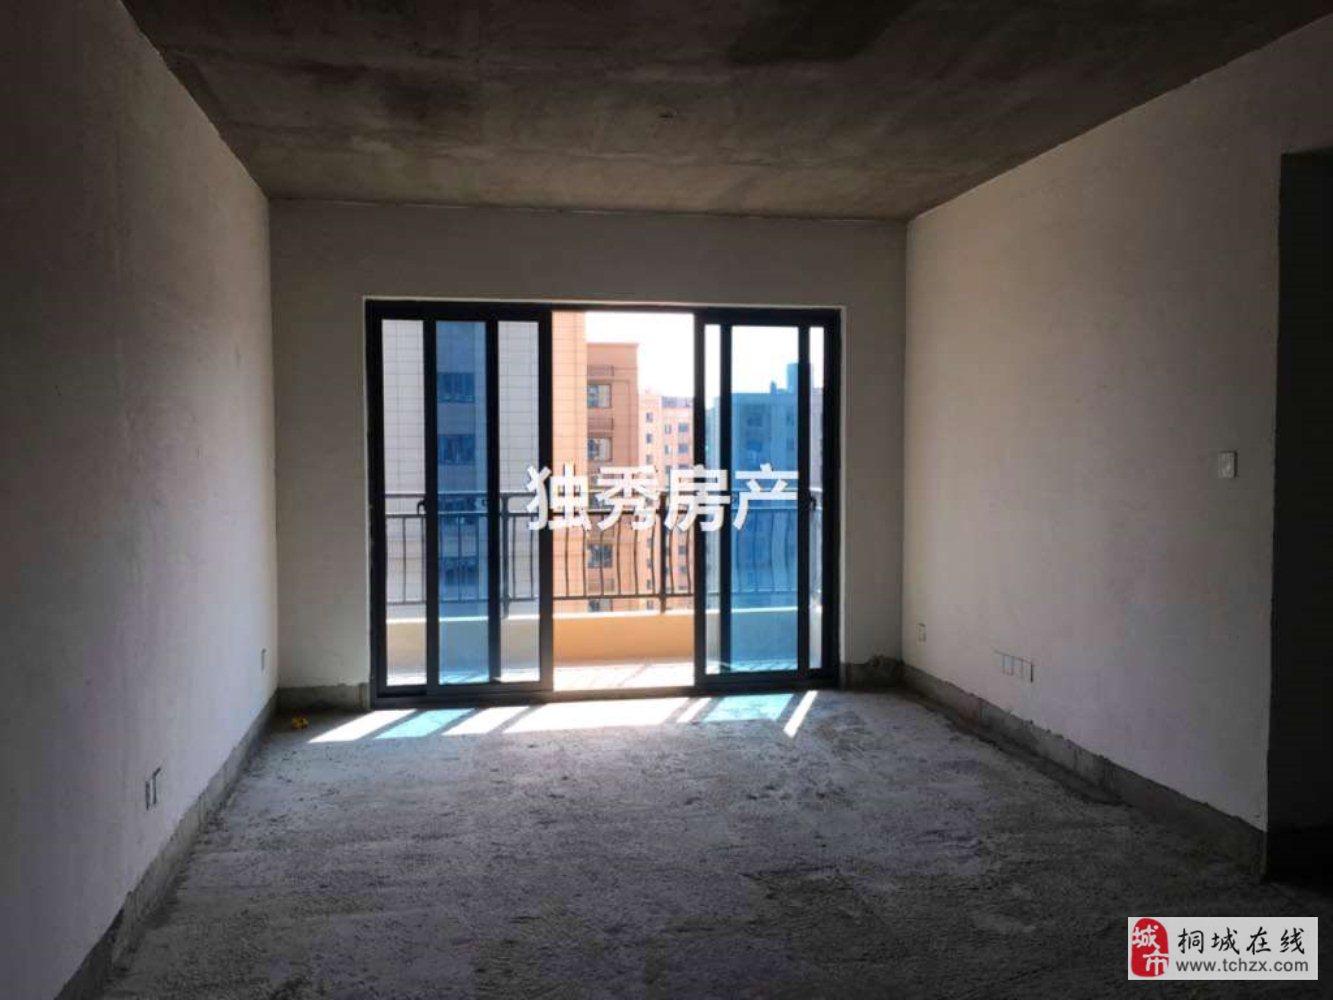 碧桂园·嘉誉3室2厅1卫83万元